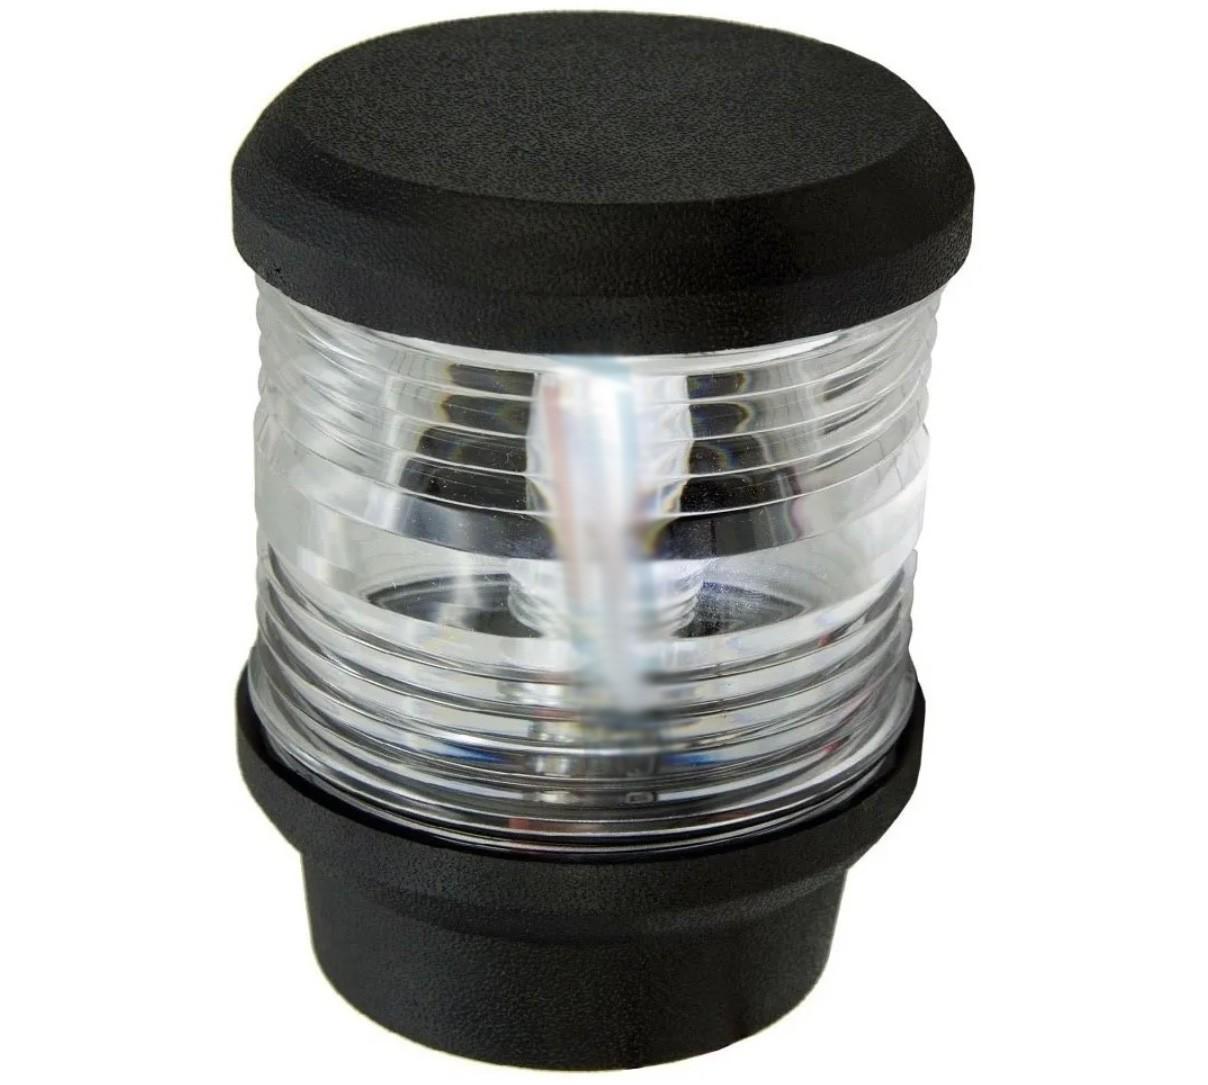 Luz de Navegação de Top de Fundeio (ou de Popa) com LED Branco Quente 12V Visibilidade 2 Milhas